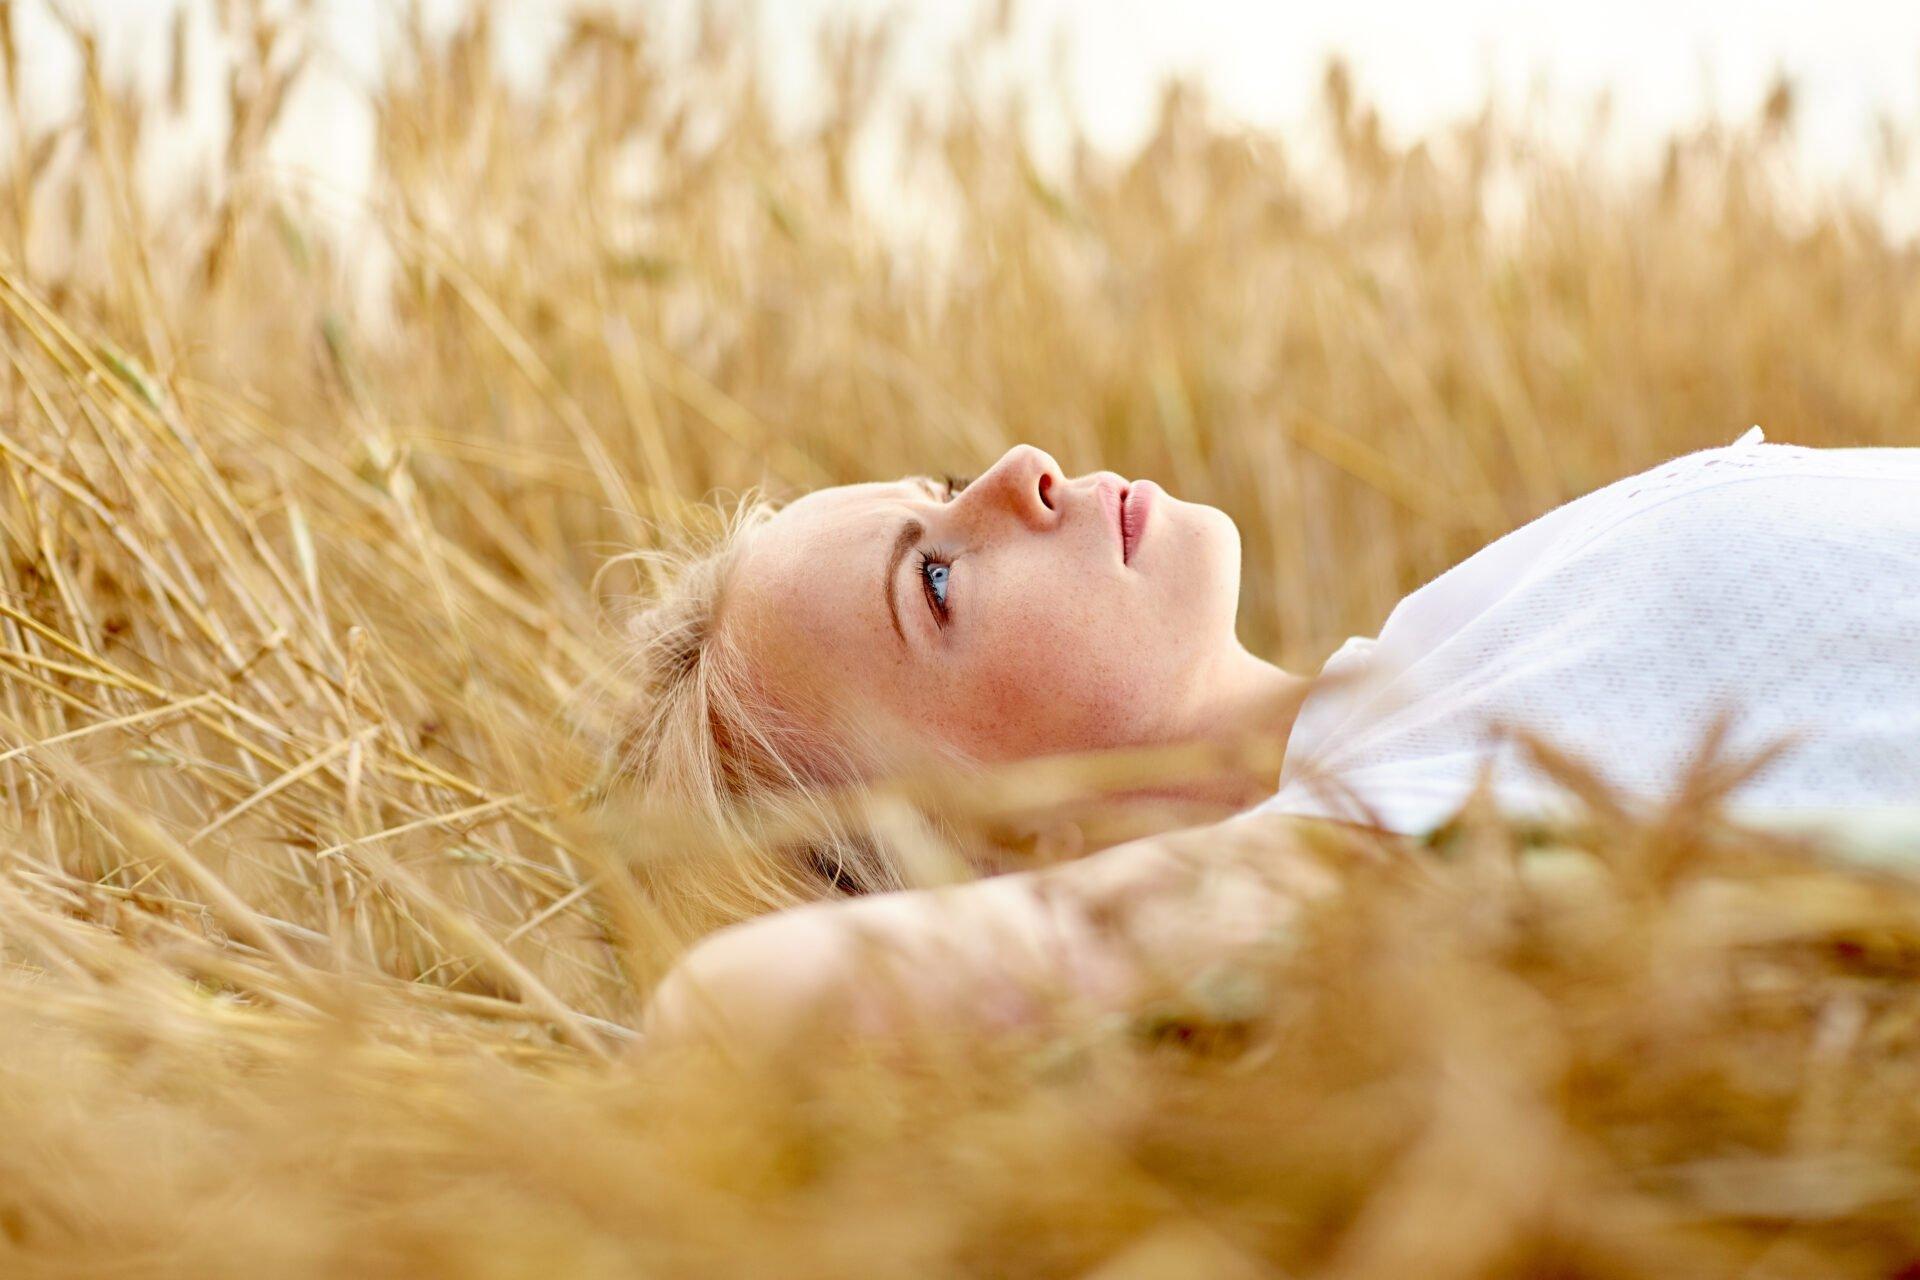 Hyväntekeväisyyskö itsekästä? artikkelin pääkuva, jossa nainen makaa viljapellolla pohdiskelevan näköisenä.